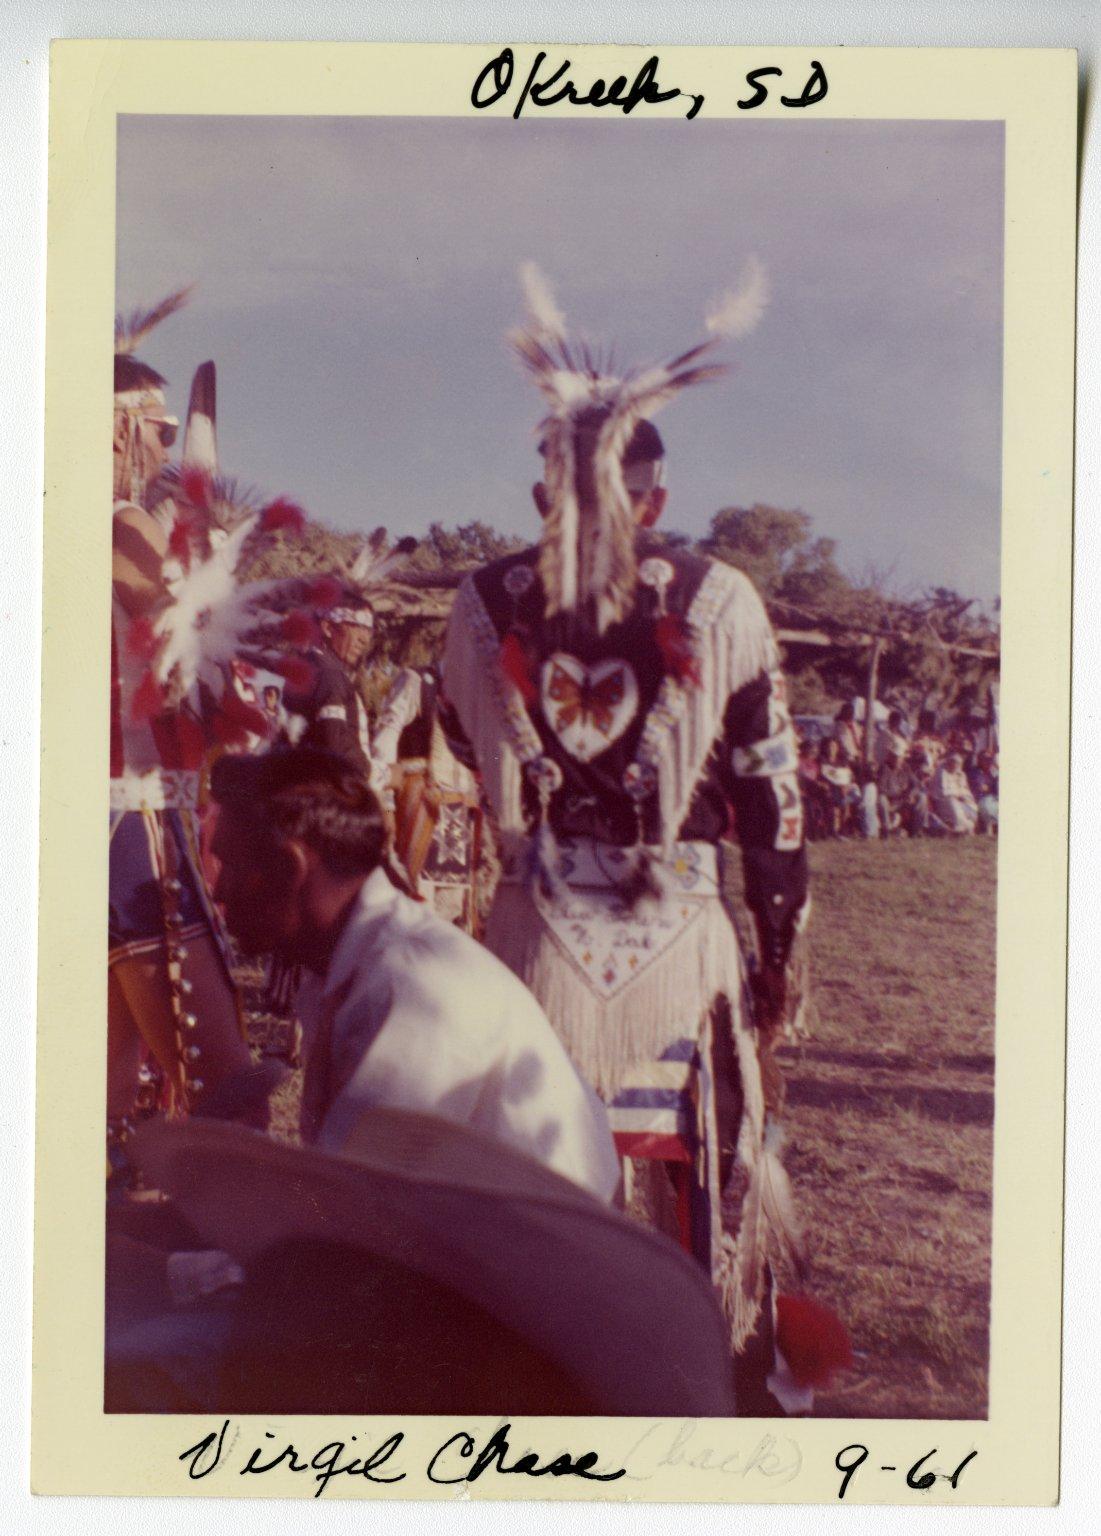 Virgil Chase at Okreek Pow Wow